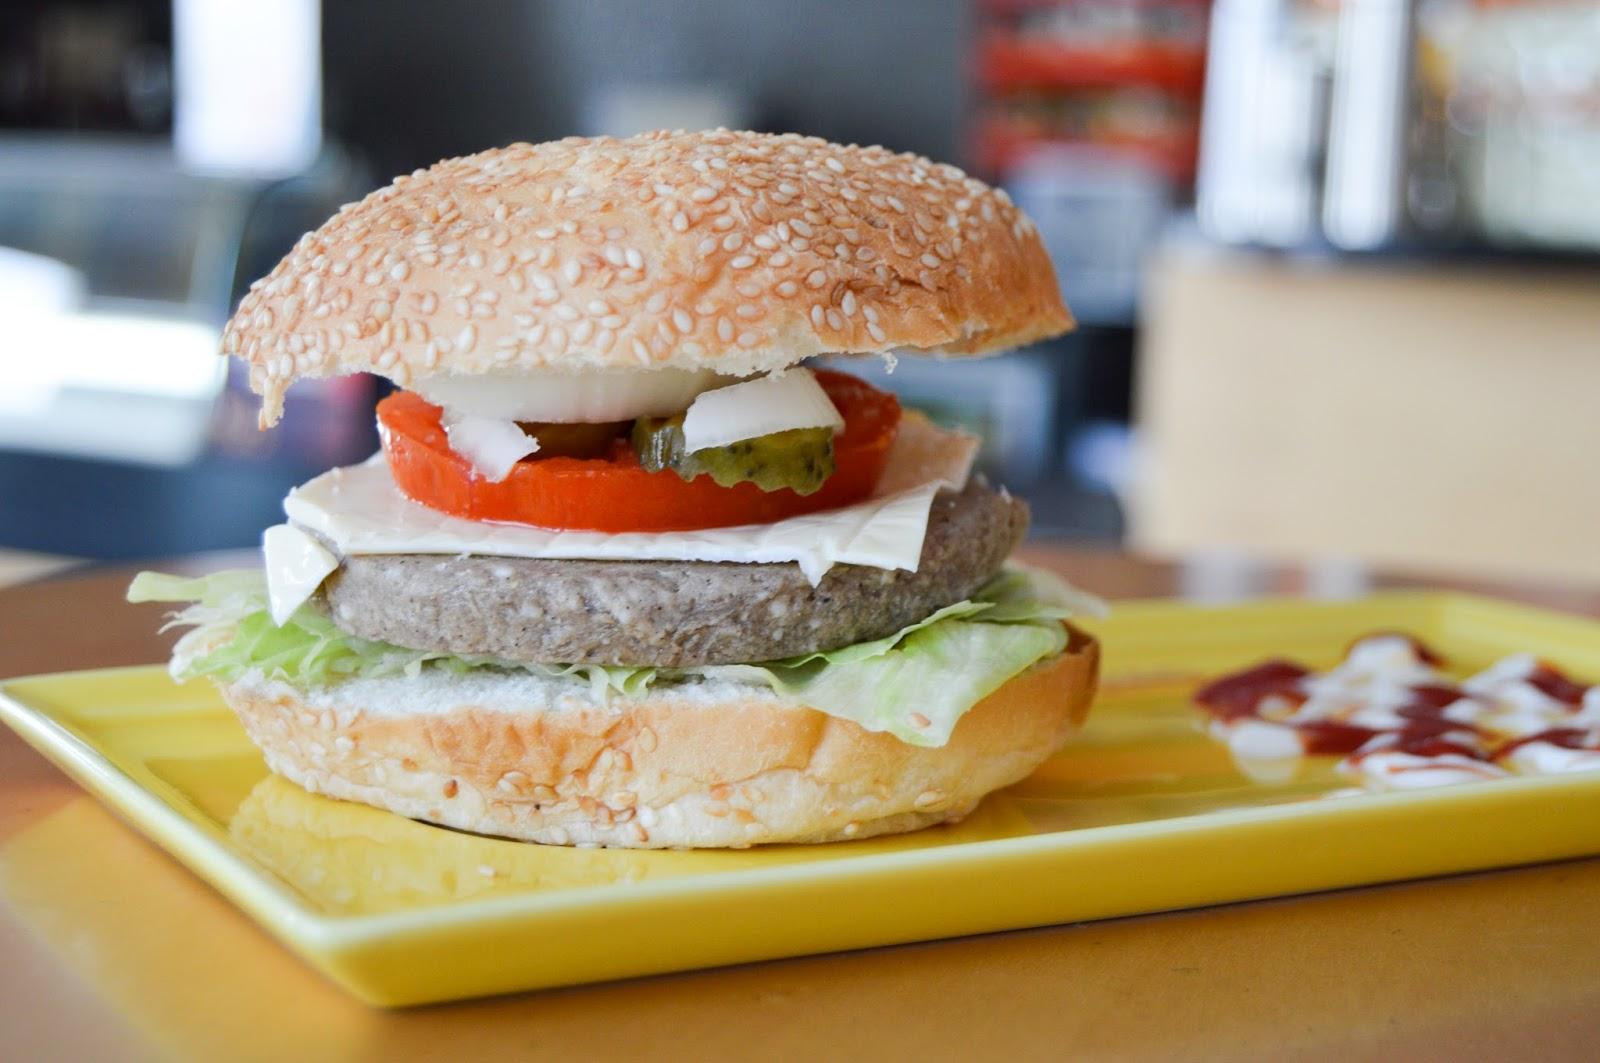 Burger Free Stock Photos & Wallpapers